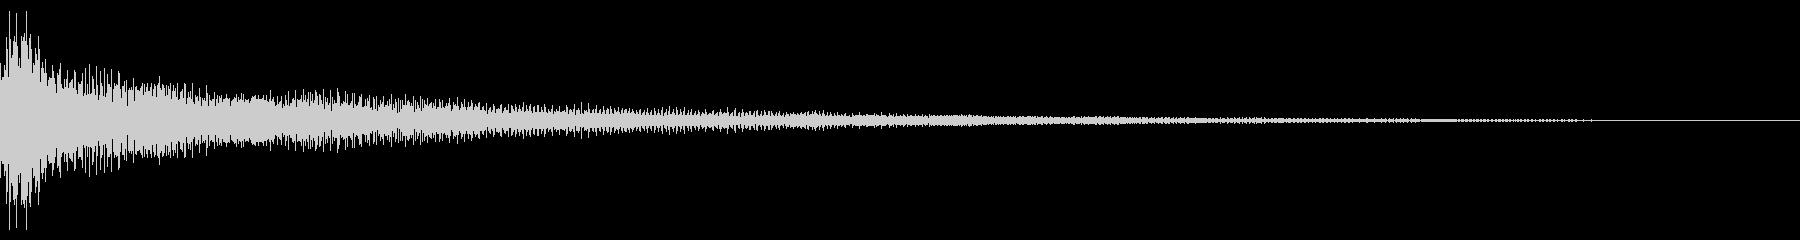 ウクレレ、グロッケンシュピール、ア...の未再生の波形